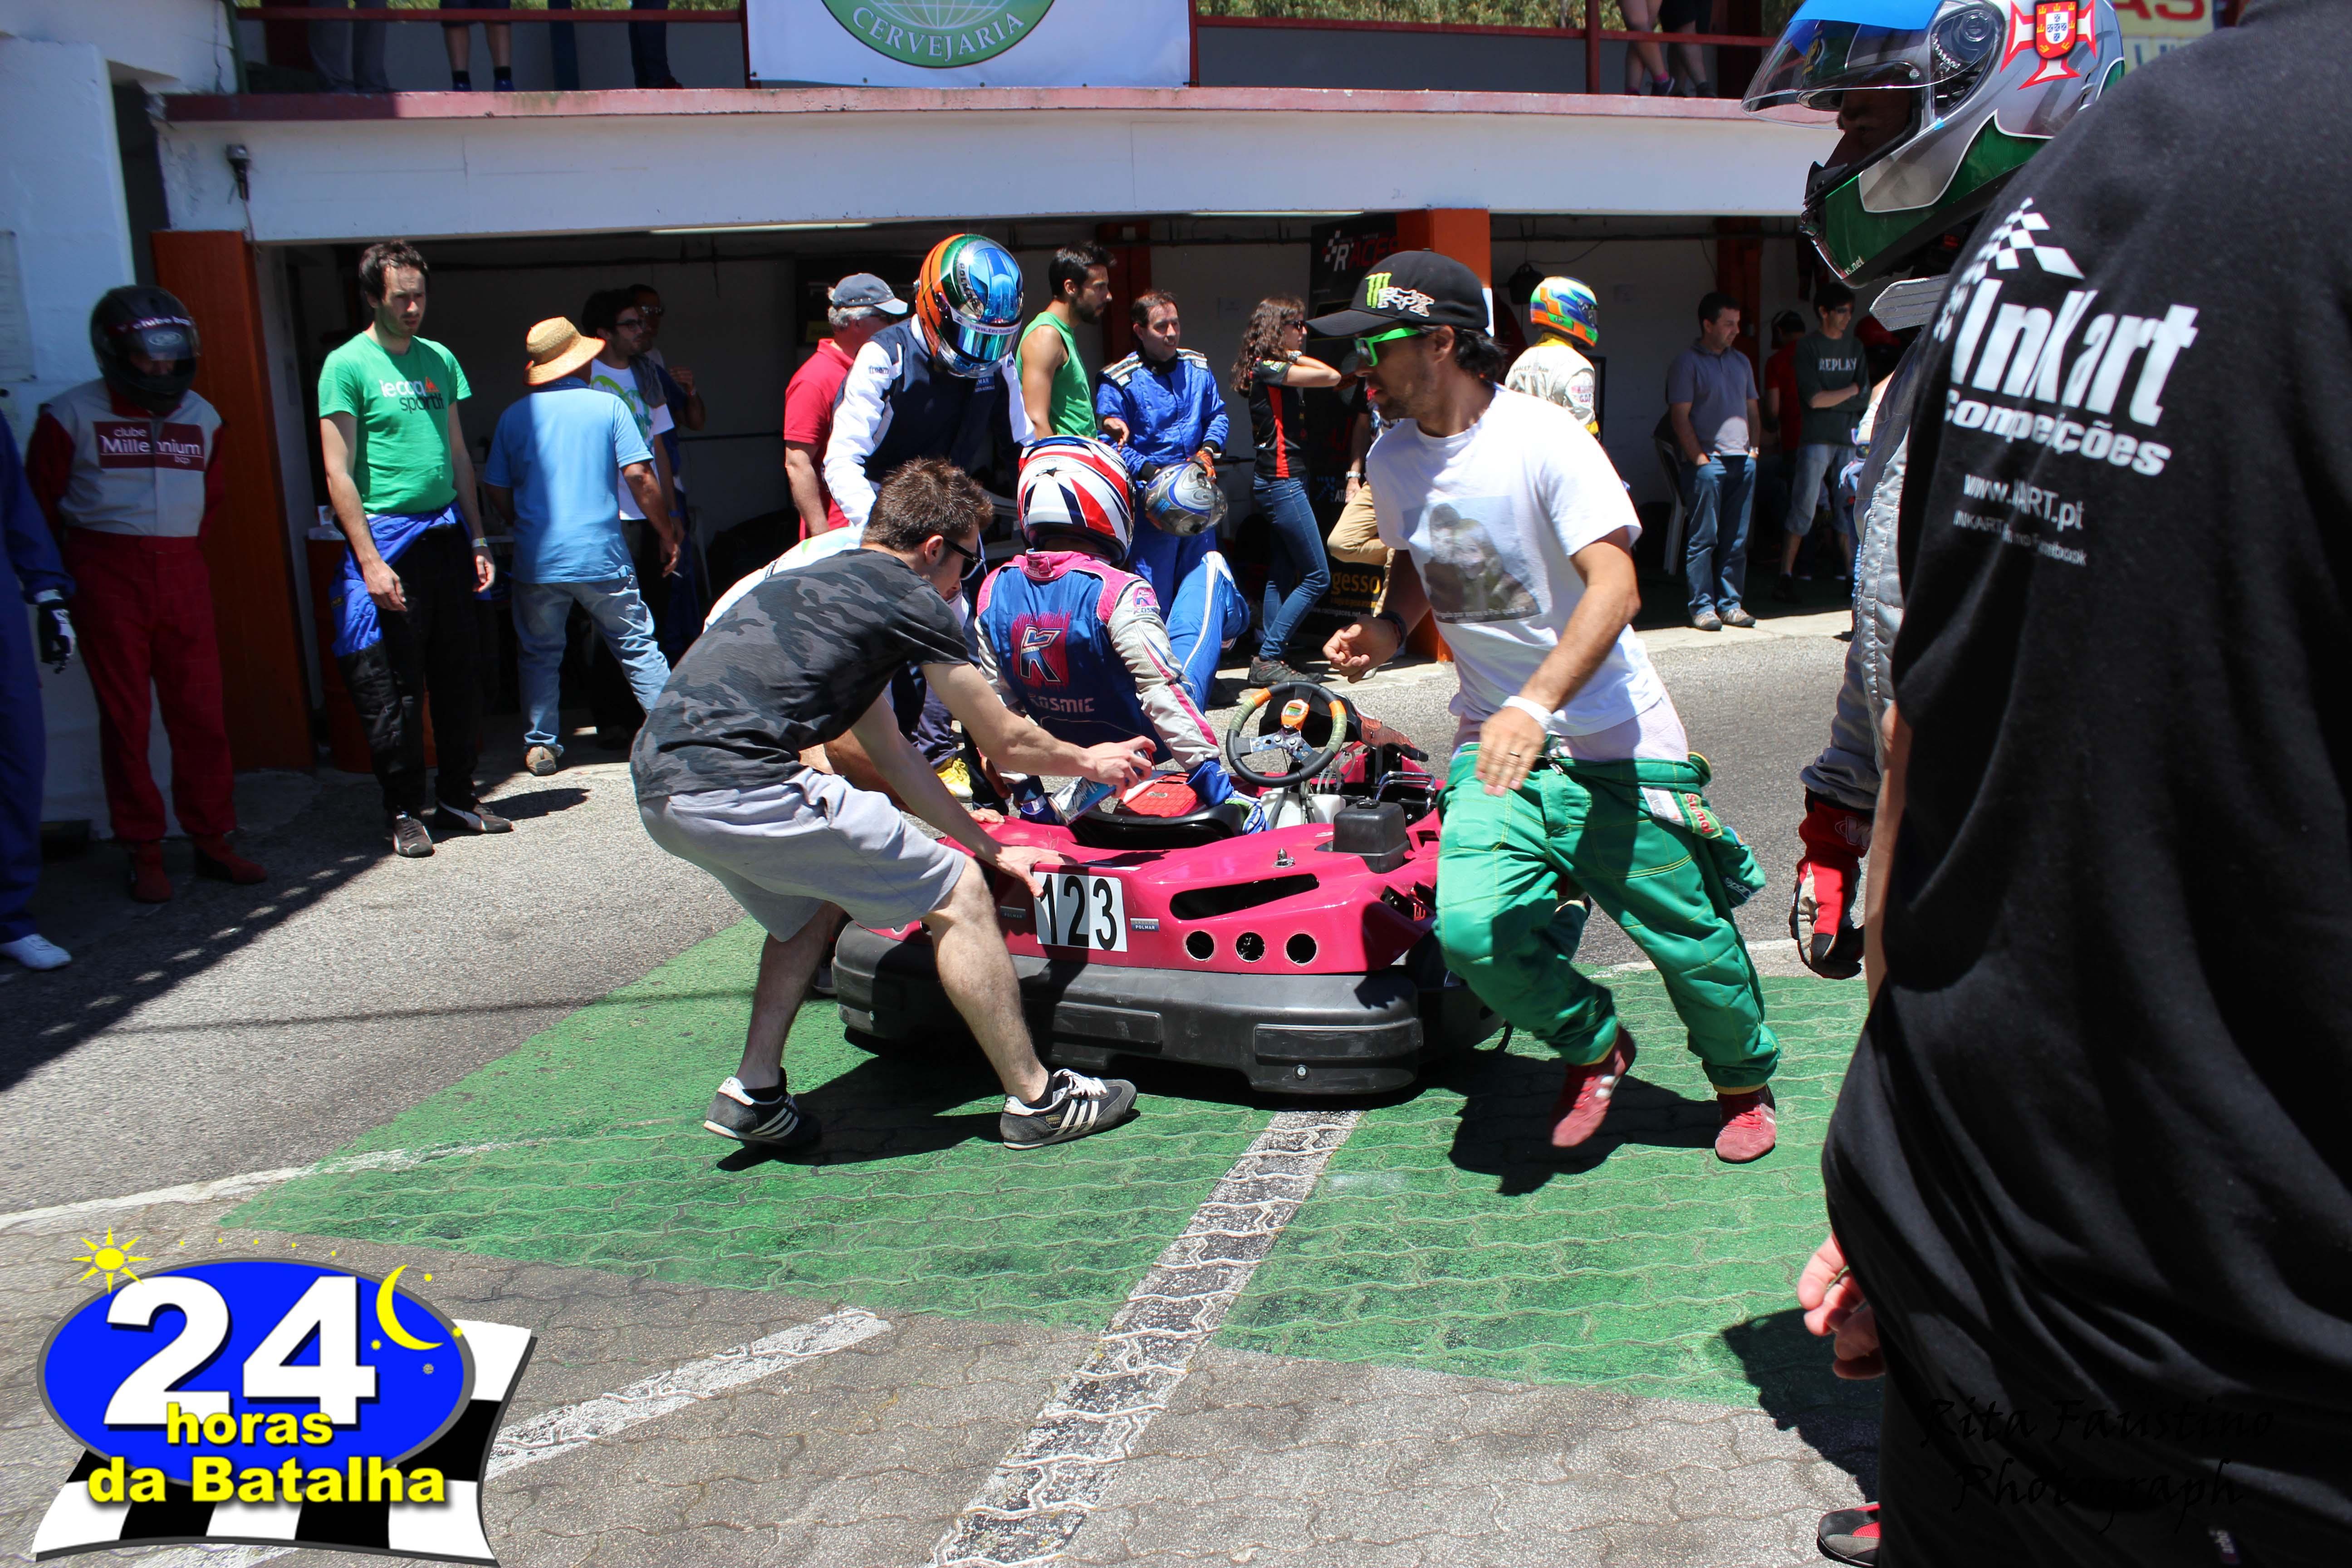 24 Horas da Batalha 2015 - Troca de pilotos107